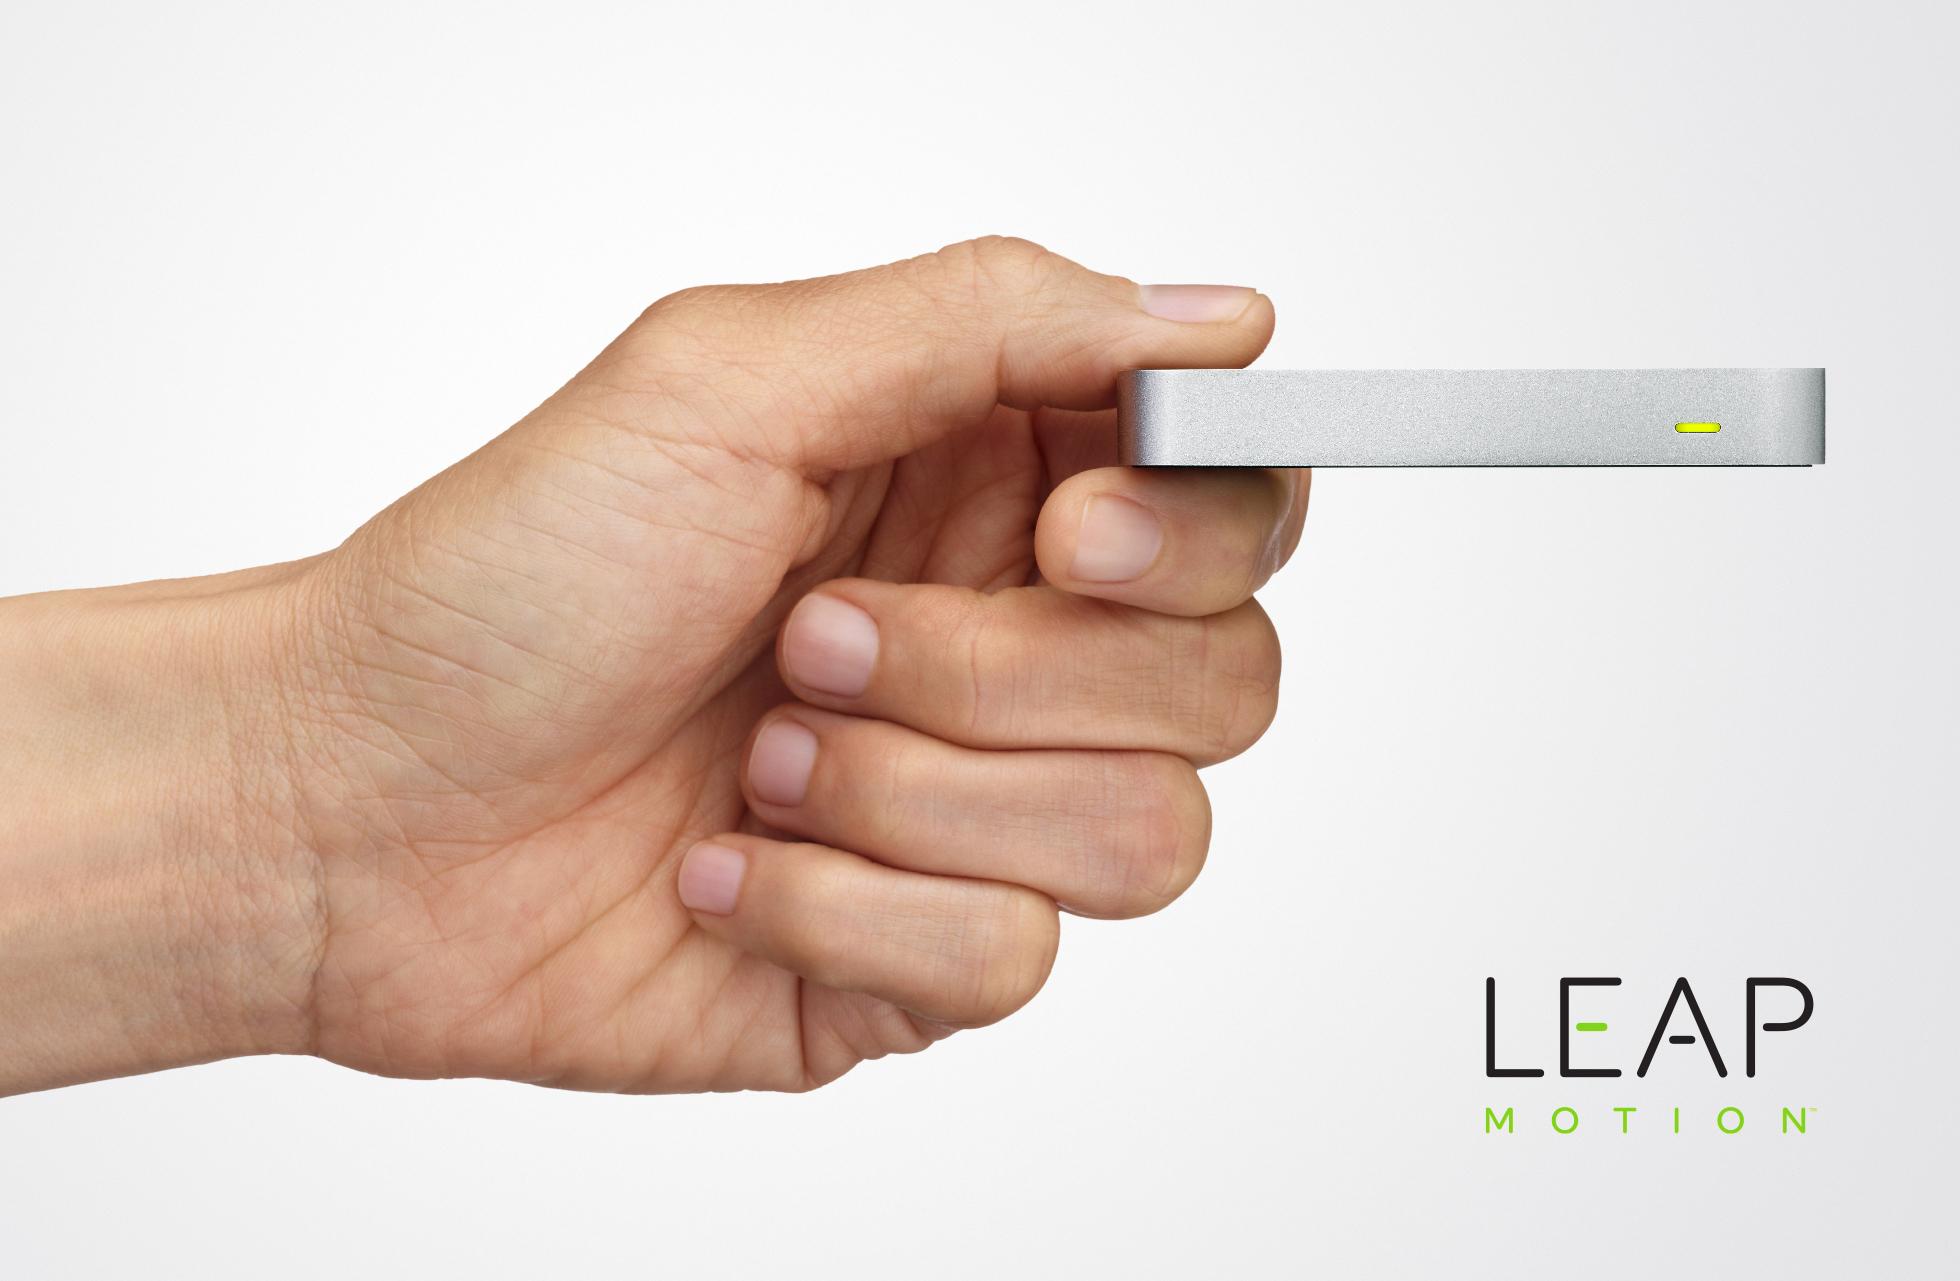 Leap_Motion_Press_06